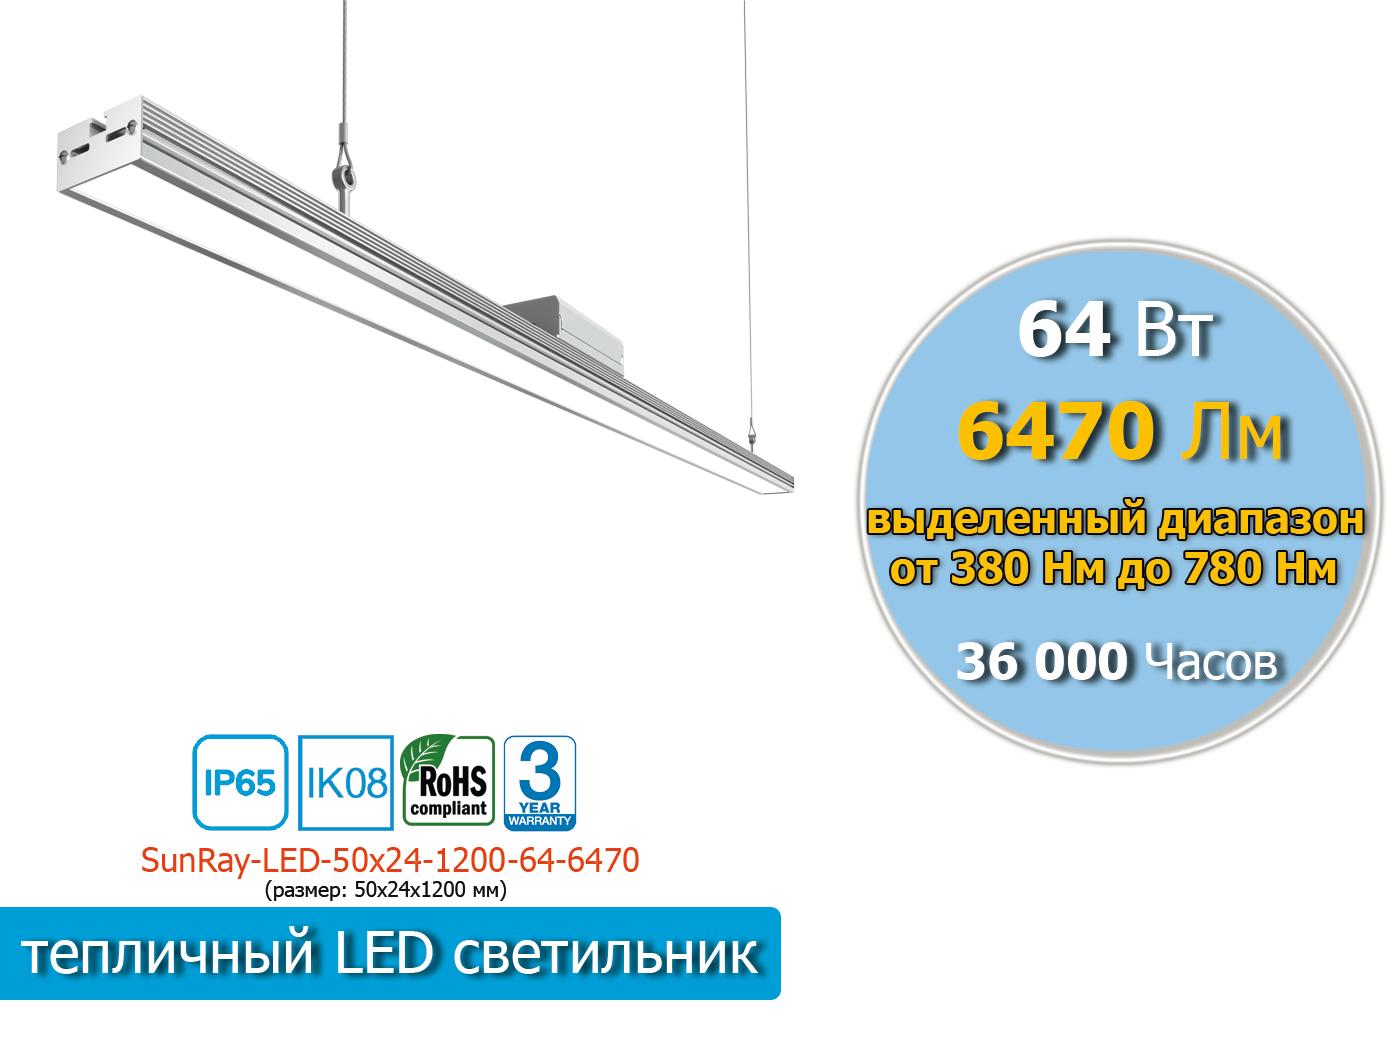 A-LED-50x24-1-1200-64-6470-40